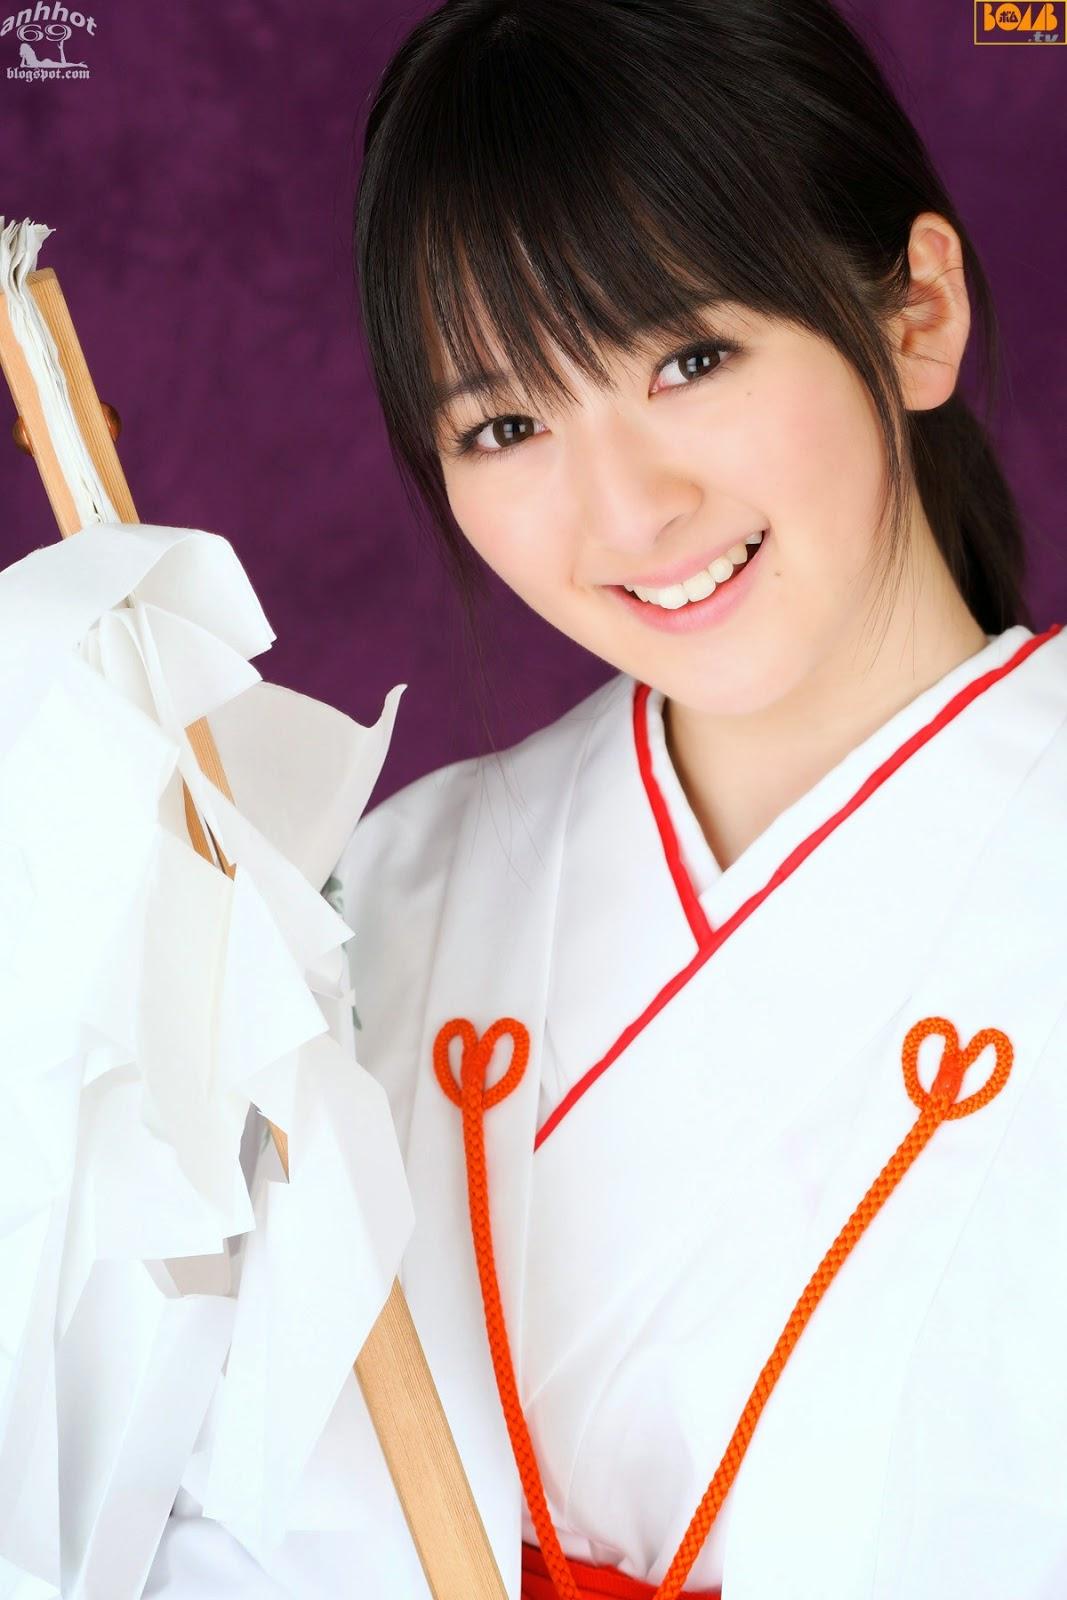 saki-takayama-01316314